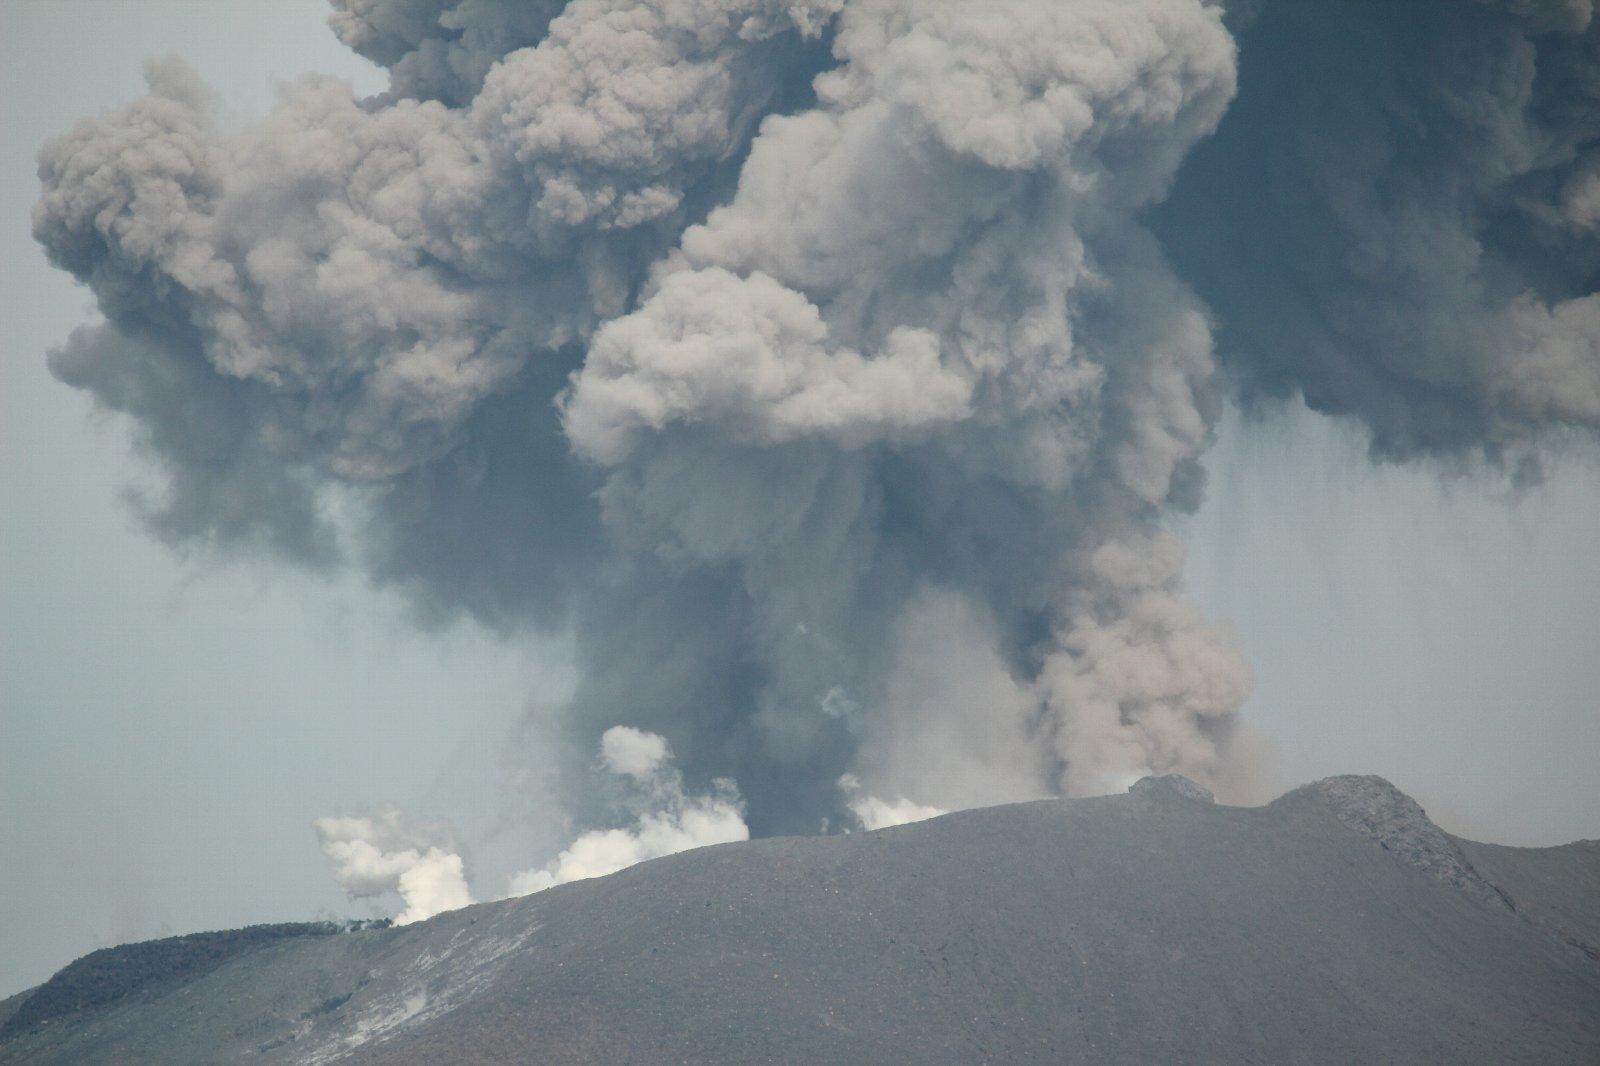 3月12日の太陽 新燃岳の噴火!_e0174091_15250919.jpg